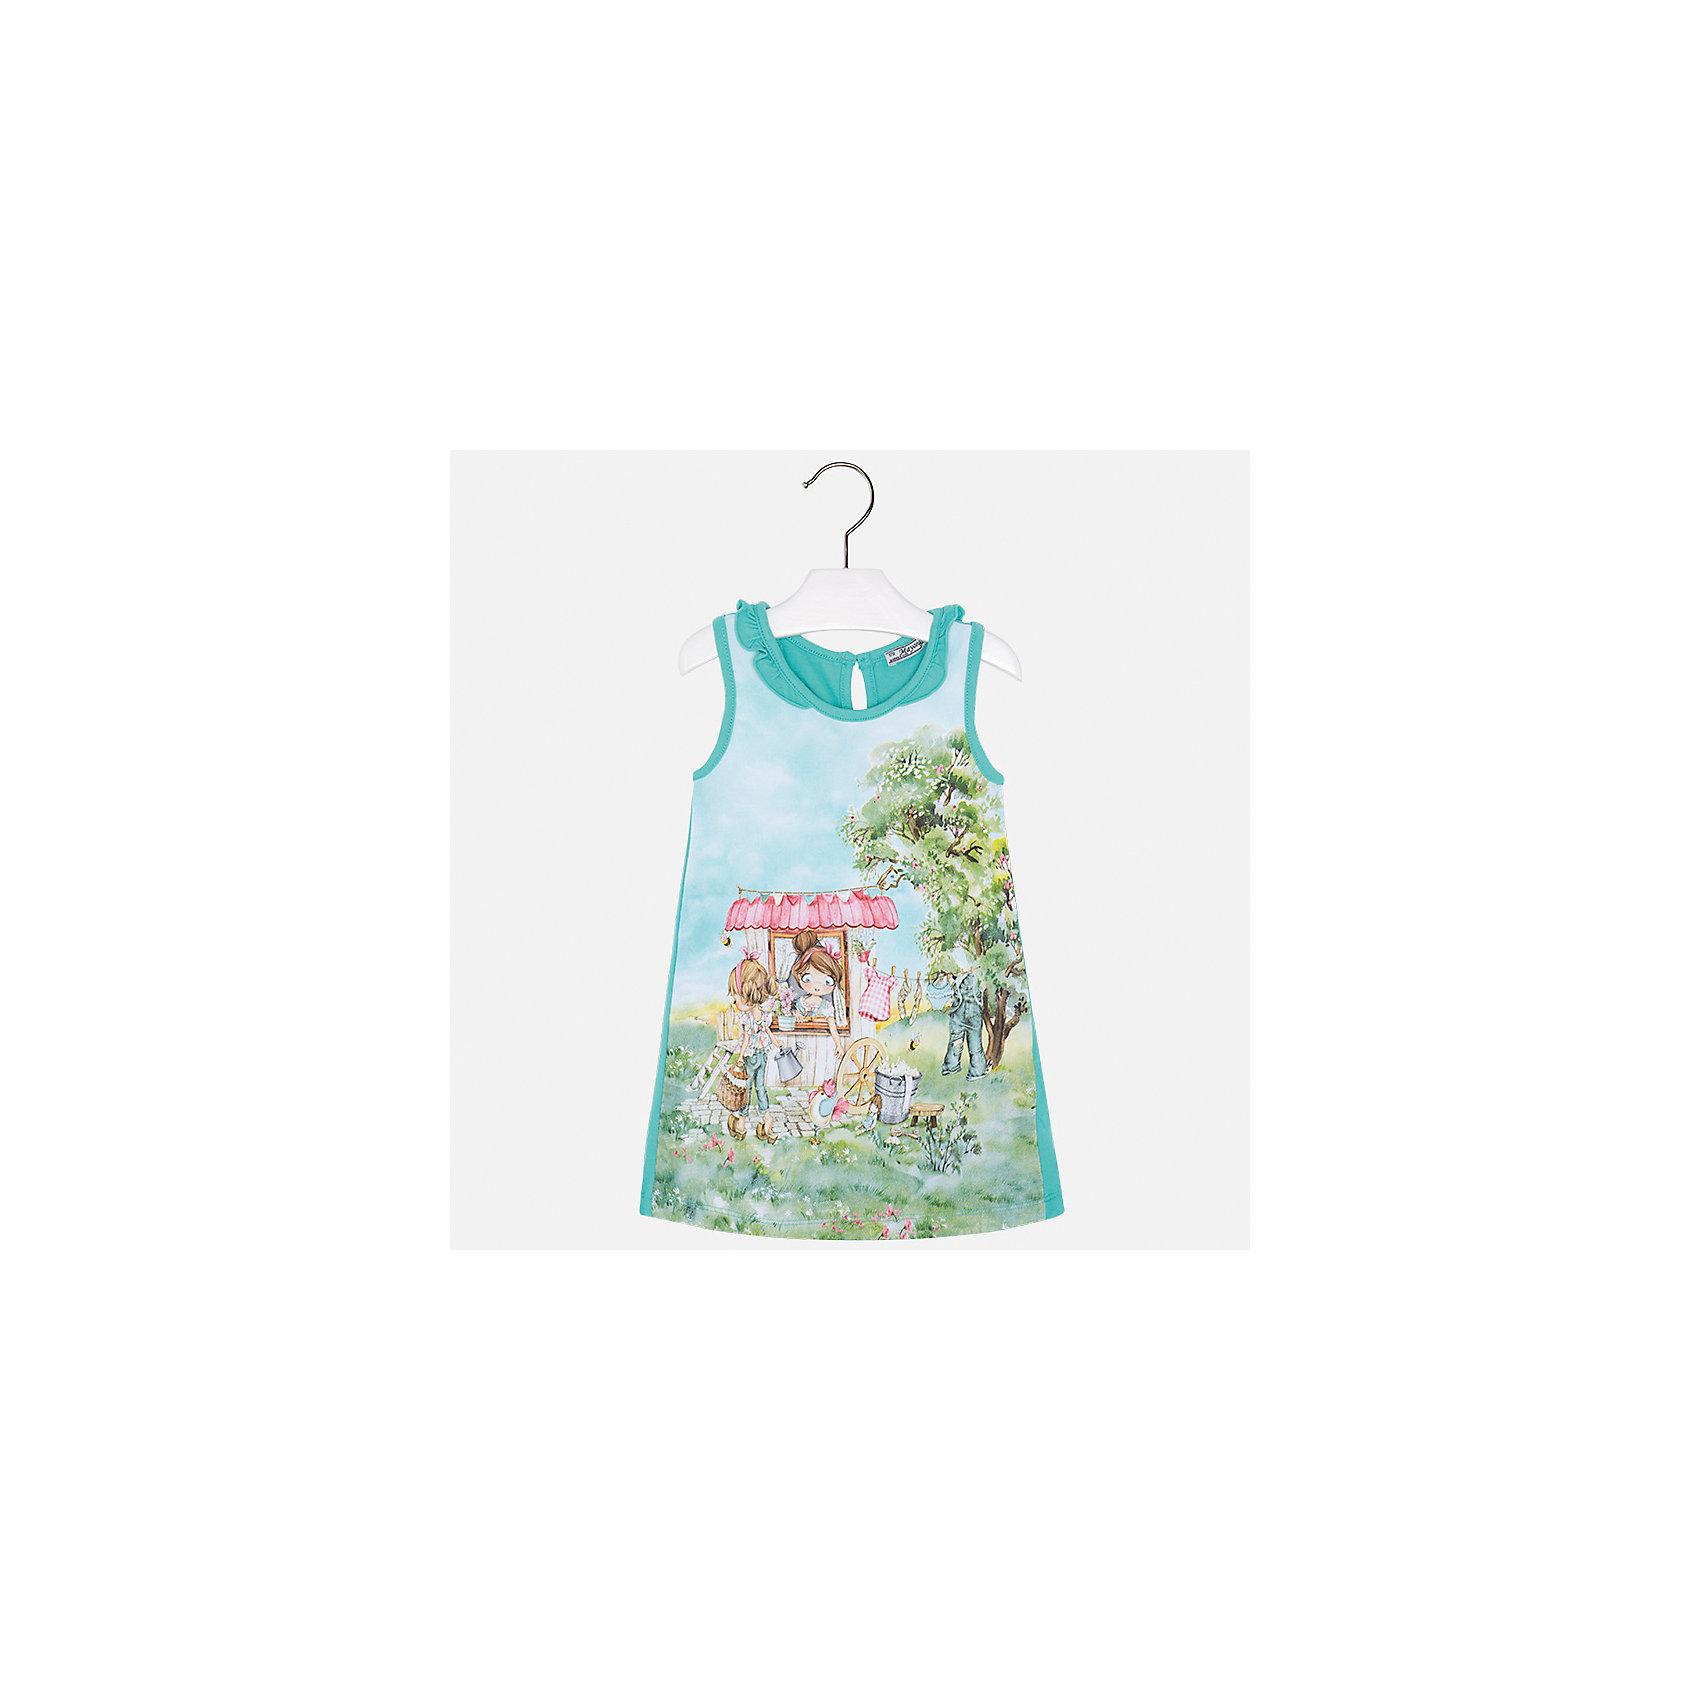 Платье для девочки MayoralПлатья и сарафаны<br>Характеристики товара:<br><br>• цвет: зеленый<br>• состав: 95% хлопок, 5% эластан<br>• застежка: пуговица<br>• комбинированный материал<br>• без рукавов<br>• декорировано принтом<br>• страна бренда: Испания<br><br>Стильное платье для девочки поможет разнообразить гардероб ребенка и создать эффектный наряд. Оно подойдет для различных случаев. Красивый оттенок позволяет подобрать к вещи обувь разных расцветок. Платье хорошо сидит по фигуре. В составе материала - натуральный хлопок, гипоаллергенный, приятный на ощупь, дышащий.<br><br>Одежда, обувь и аксессуары от испанского бренда Mayoral полюбились детям и взрослым по всему миру. Модели этой марки - стильные и удобные. Для их производства используются только безопасные, качественные материалы и фурнитура. Порадуйте ребенка модными и красивыми вещами от Mayoral! <br><br>Платье для девочки от испанского бренда Mayoral (Майорал) можно купить в нашем интернет-магазине.<br><br>Ширина мм: 236<br>Глубина мм: 16<br>Высота мм: 184<br>Вес г: 177<br>Цвет: синий<br>Возраст от месяцев: 96<br>Возраст до месяцев: 108<br>Пол: Женский<br>Возраст: Детский<br>Размер: 134,92,98,104,110,116,122,128<br>SKU: 5300663